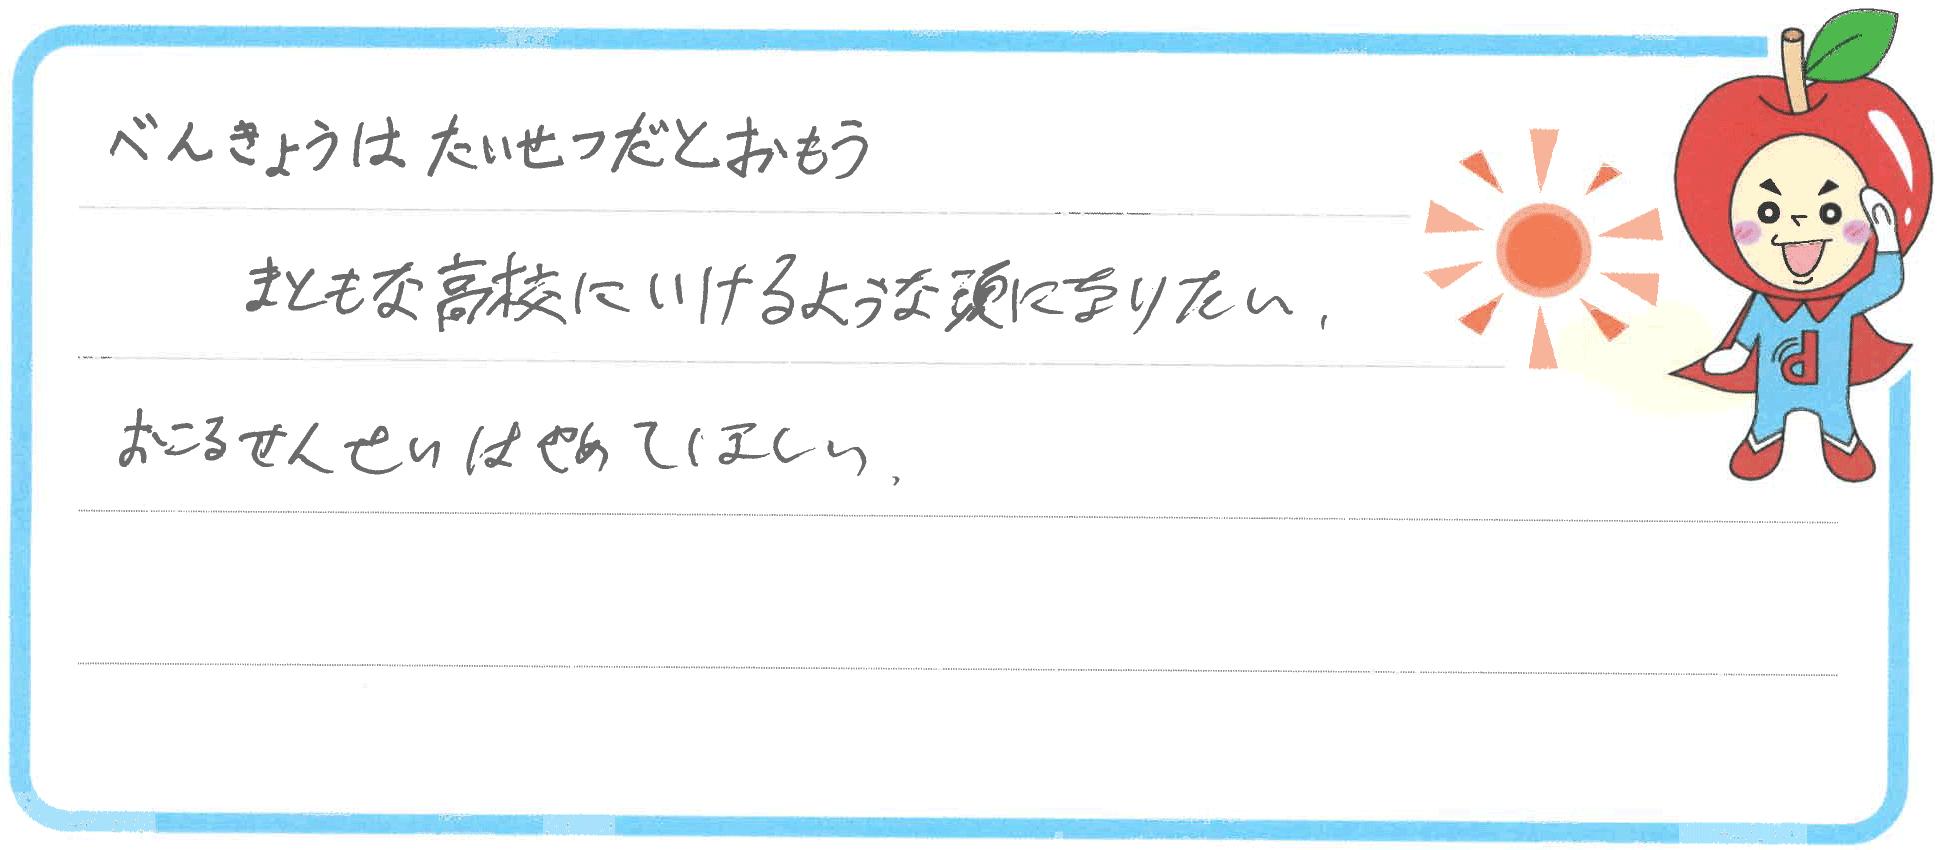 じゅんや君(安芸高田市)からの口コミ